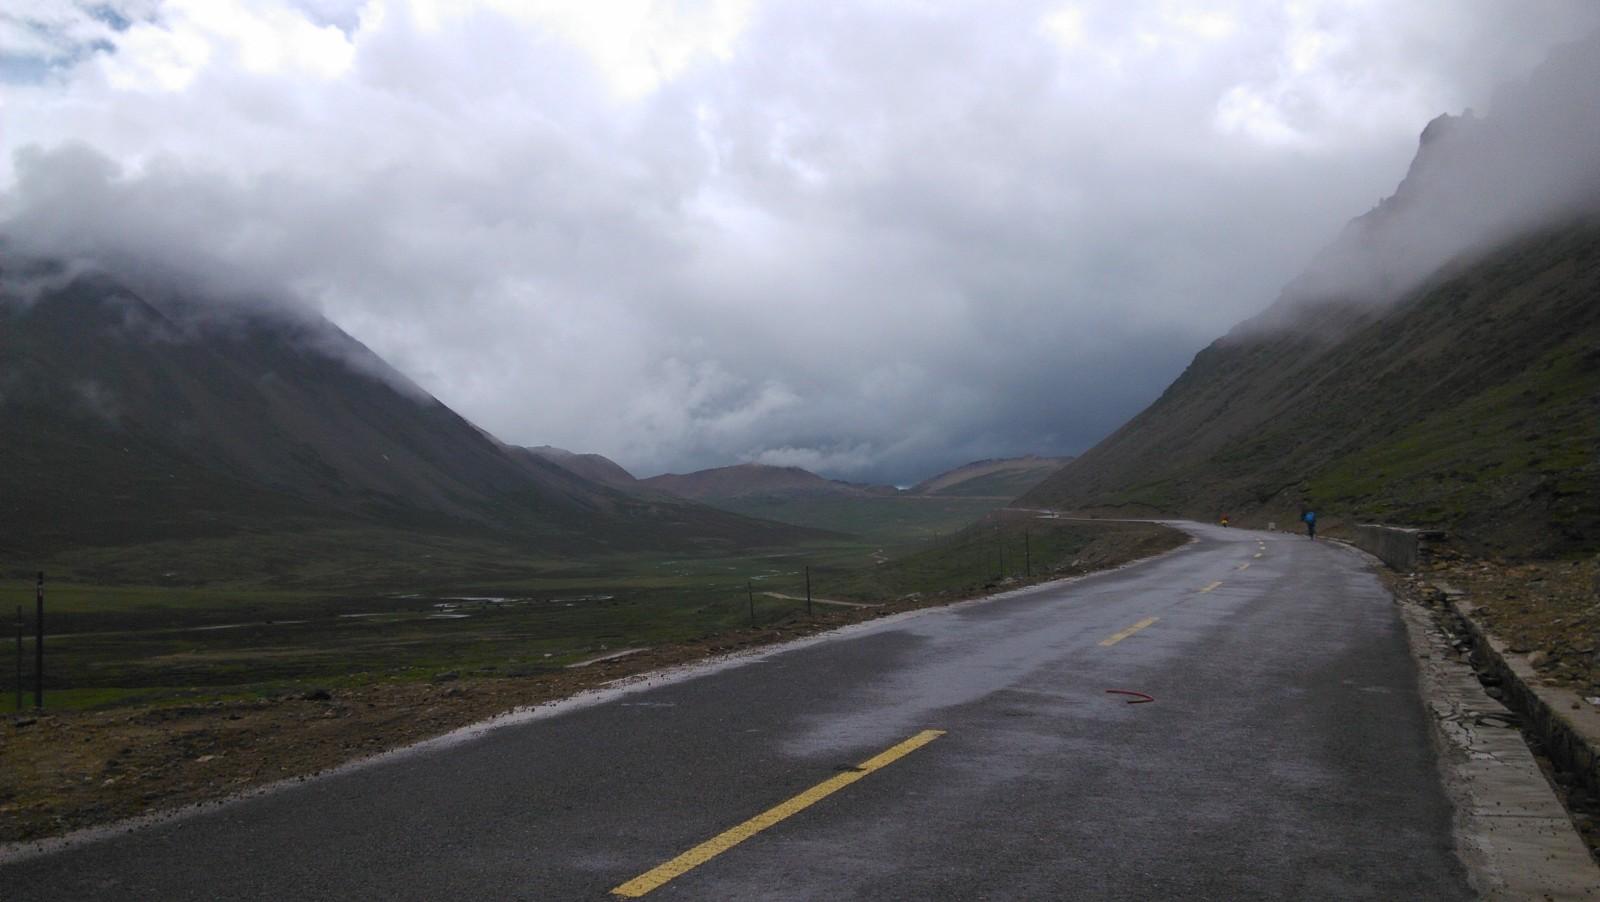 东达山就在前方十多公里的地方,天还在下着雨,特别的冷